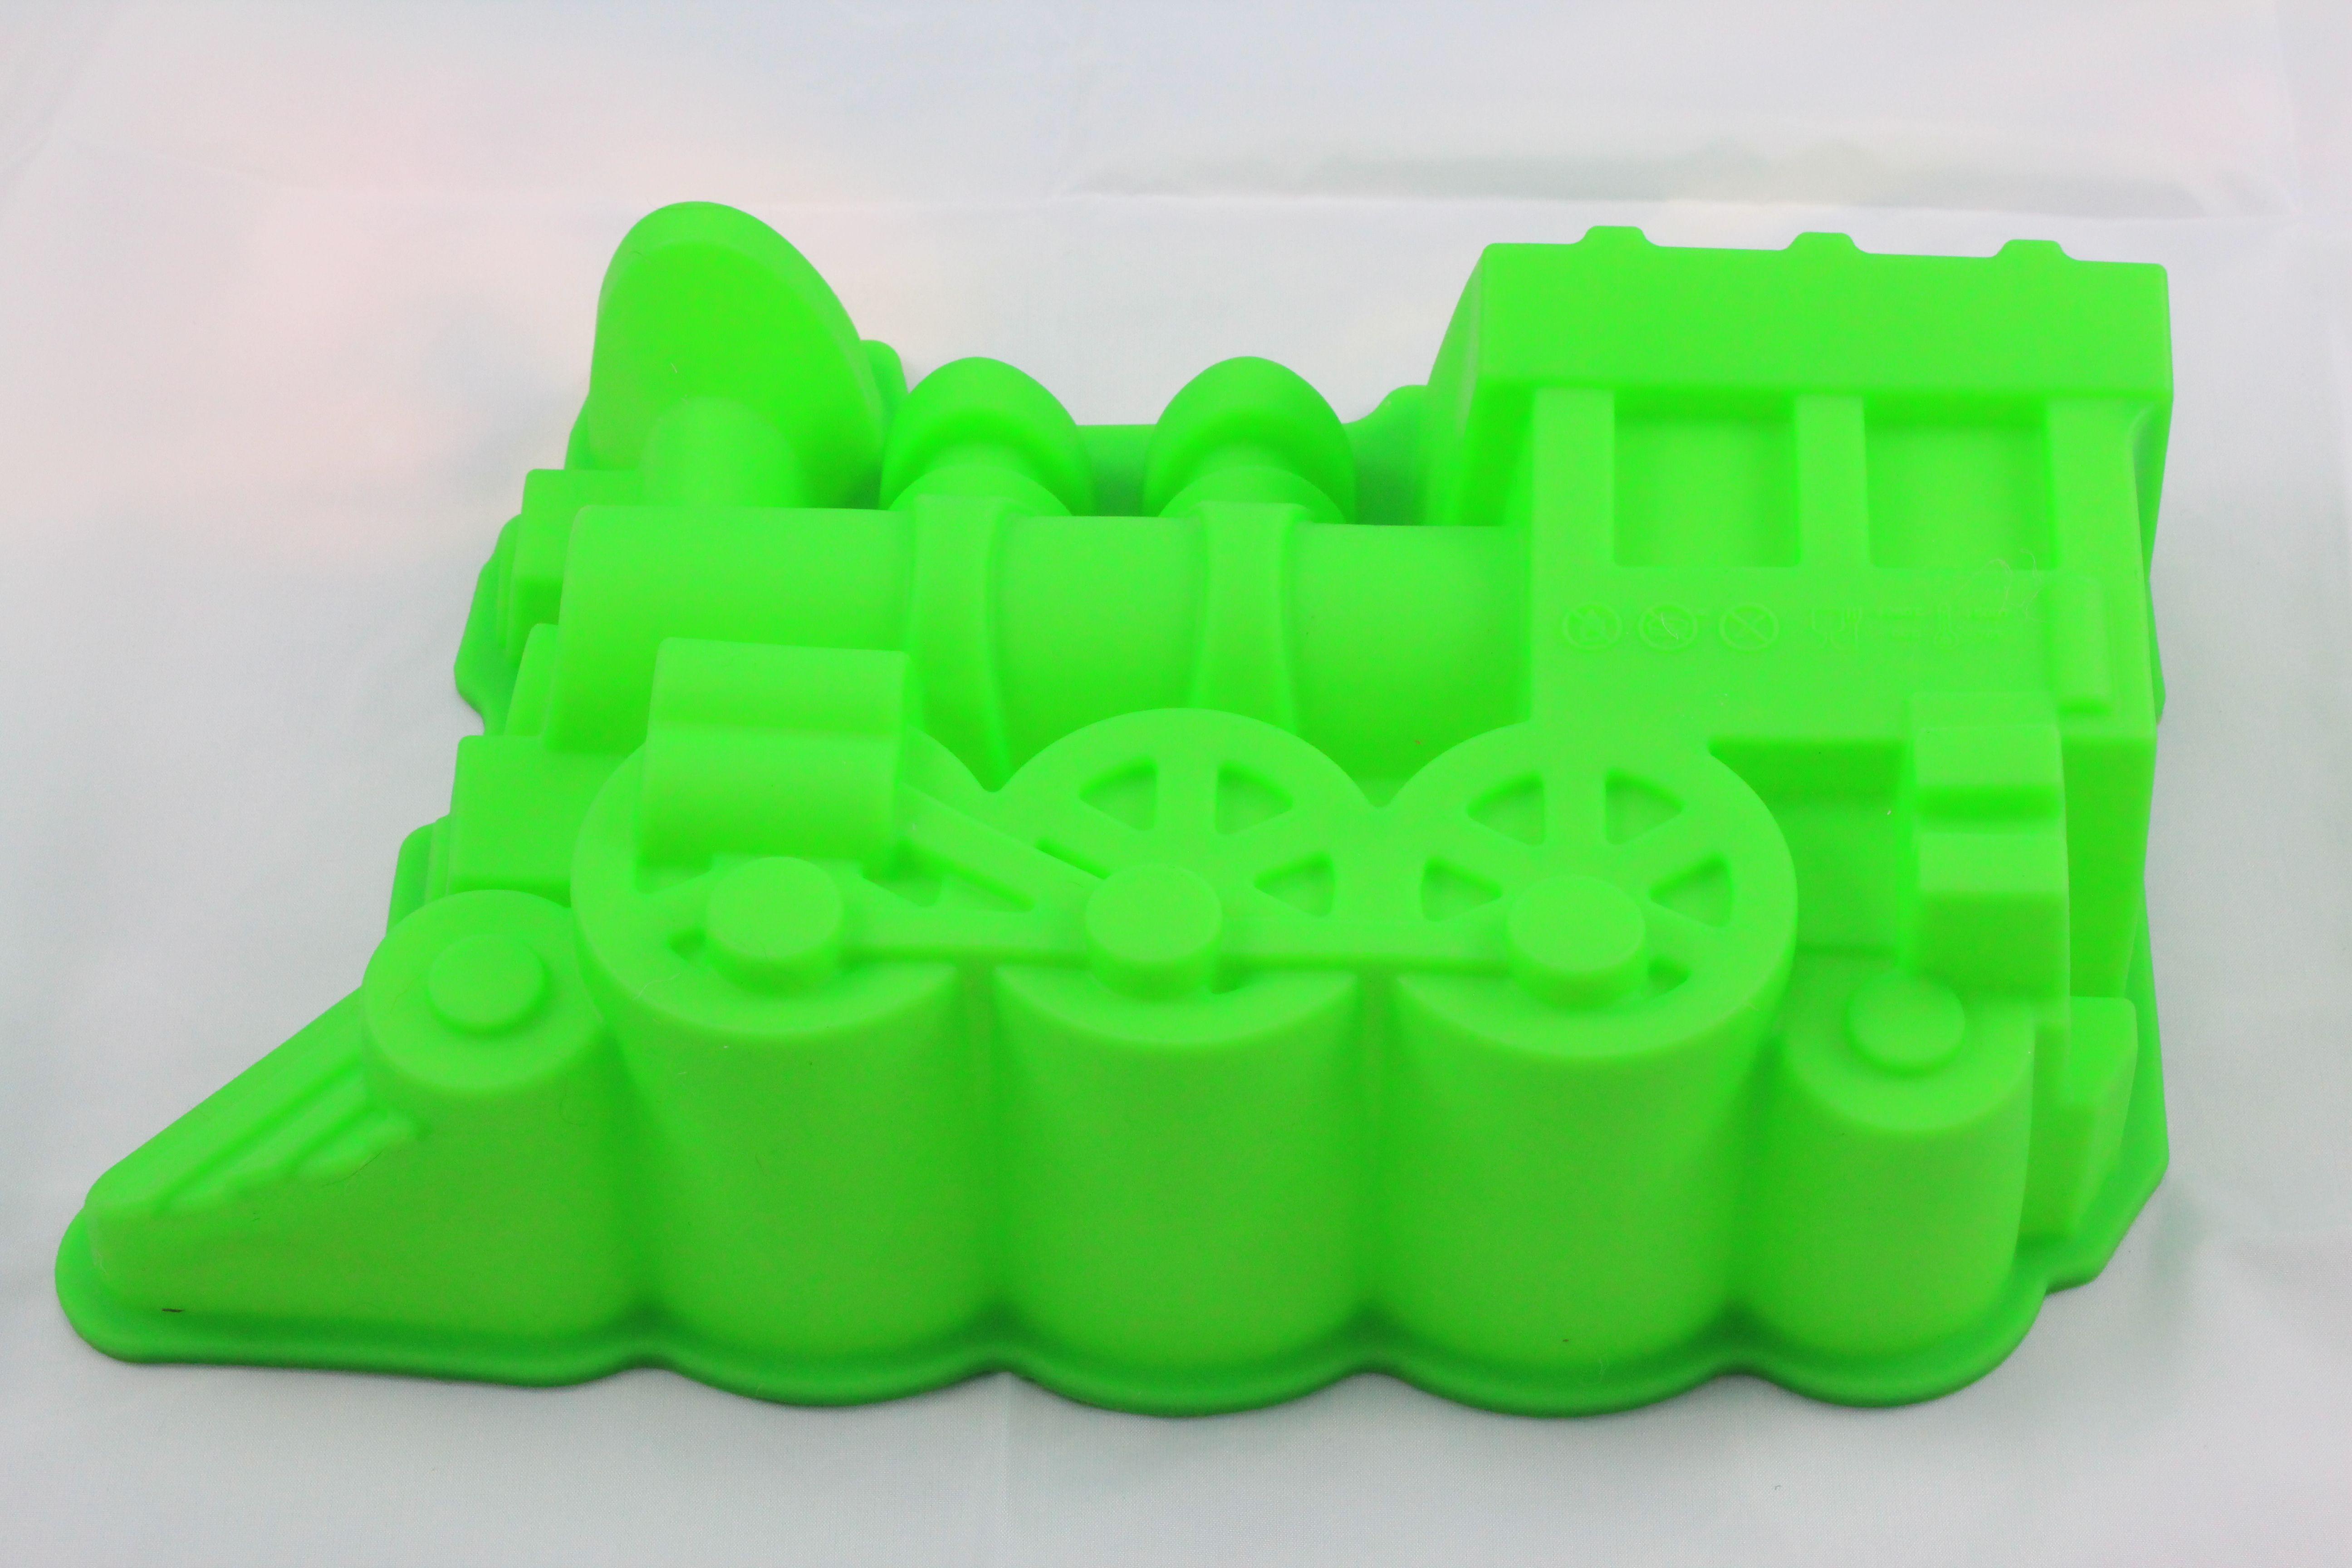 kakeform bamse grønn - Google-søk